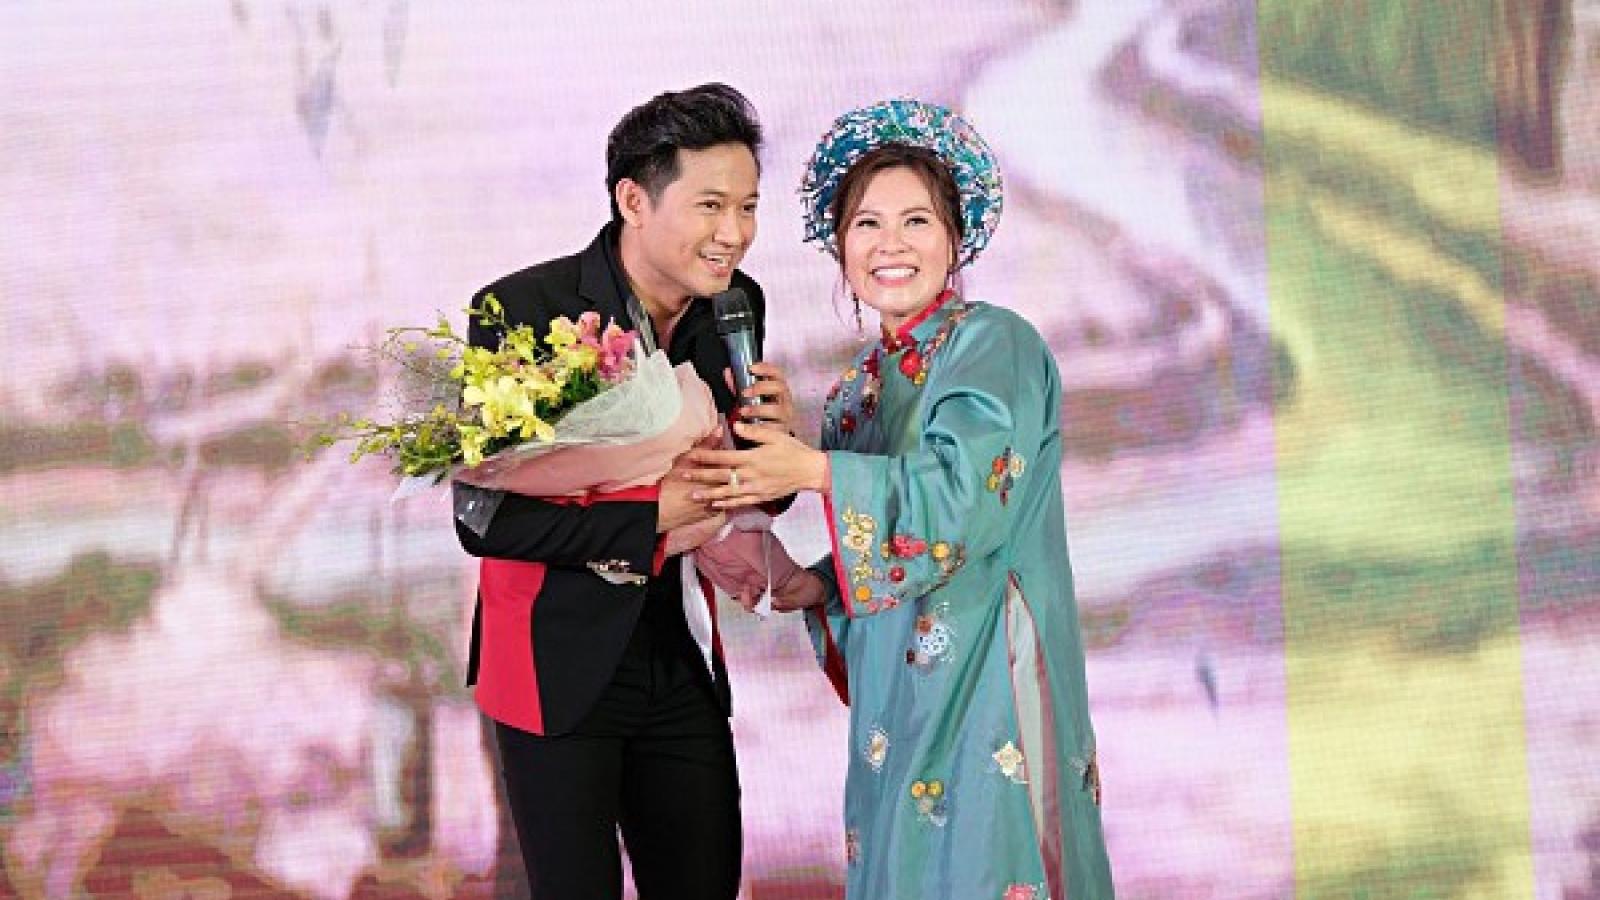 Chuyện showbiz: Diễn viên Quý Bình kết hôn với bạn gái doanh nhân vào giữa tháng 12